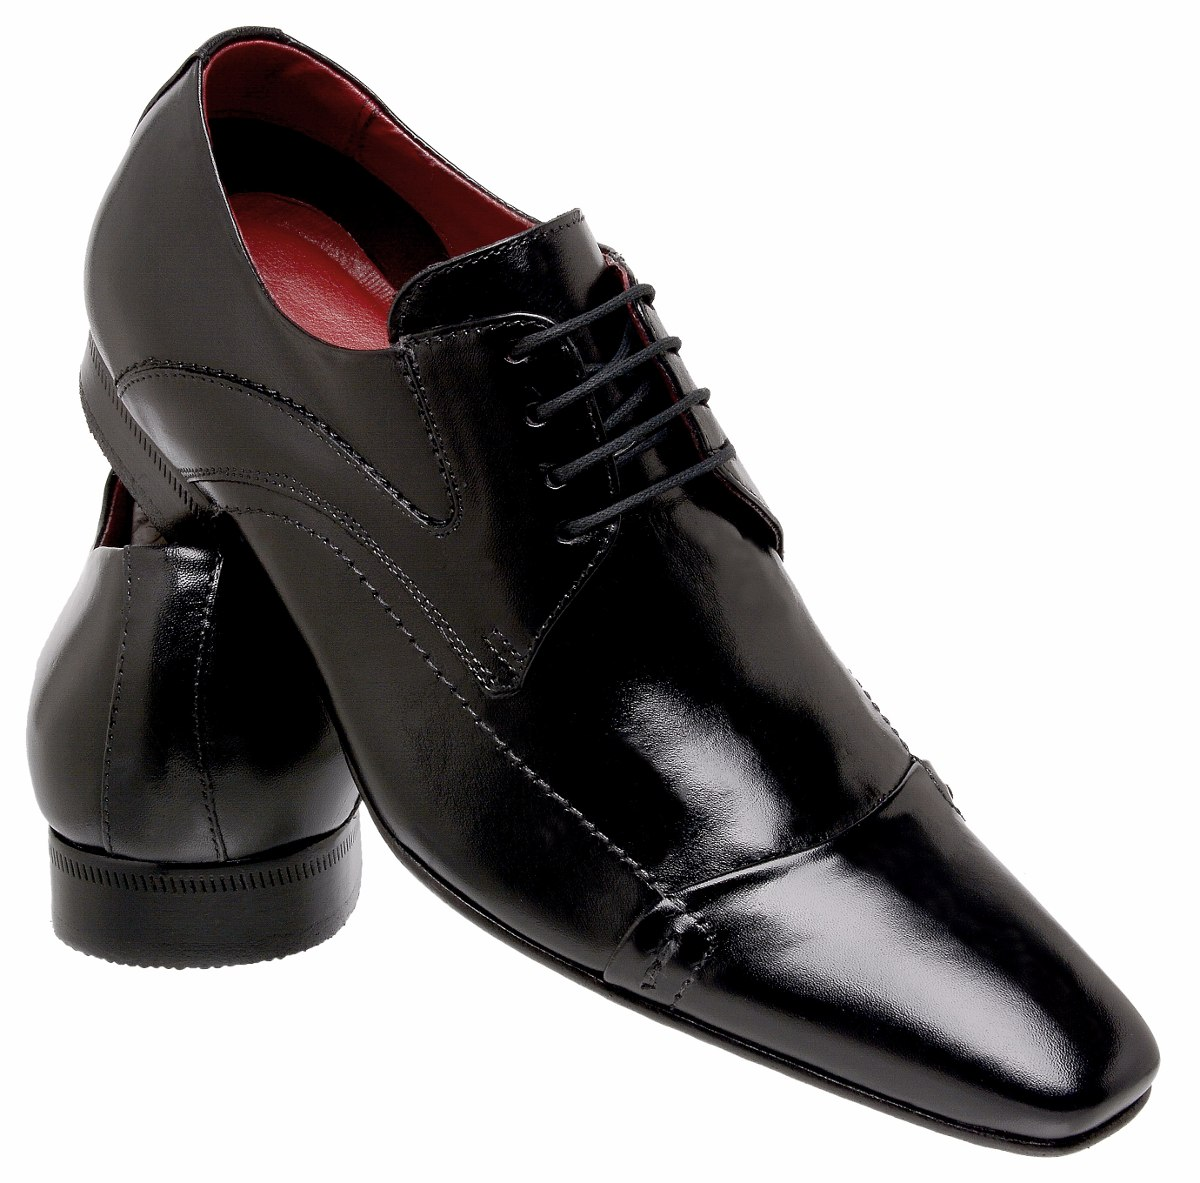 b02e76dcc1 sapato preto barato social lançamento 100% solado de couro. Carregando zoom.